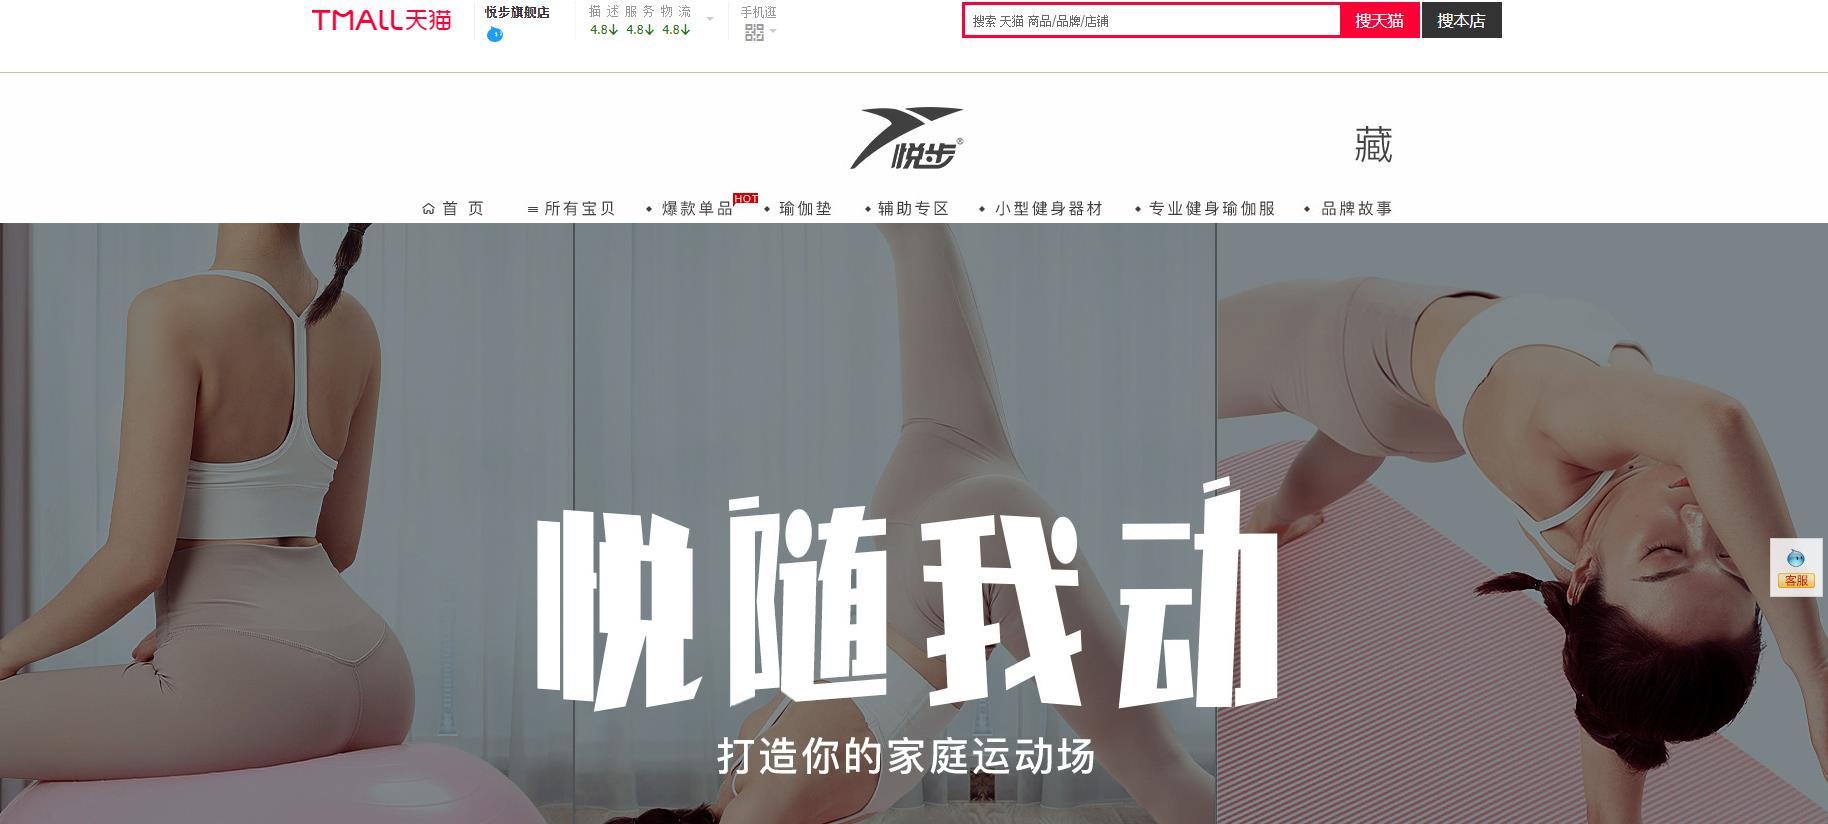 悦步(YUEBU)官网 悦步运动官方旗舰店